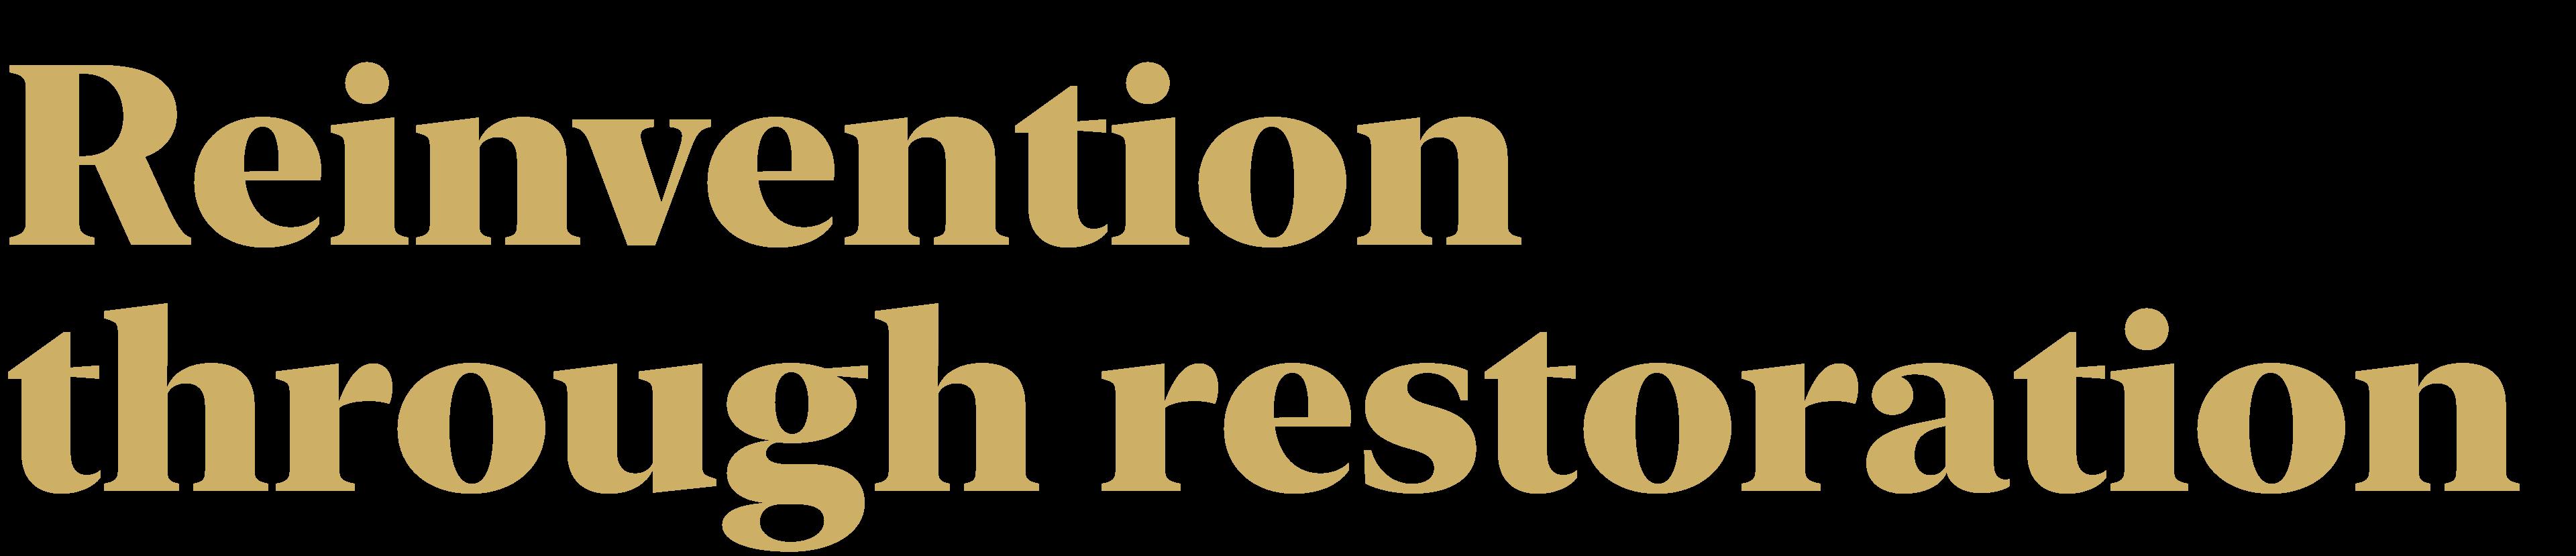 Title: Reinvention through restoration